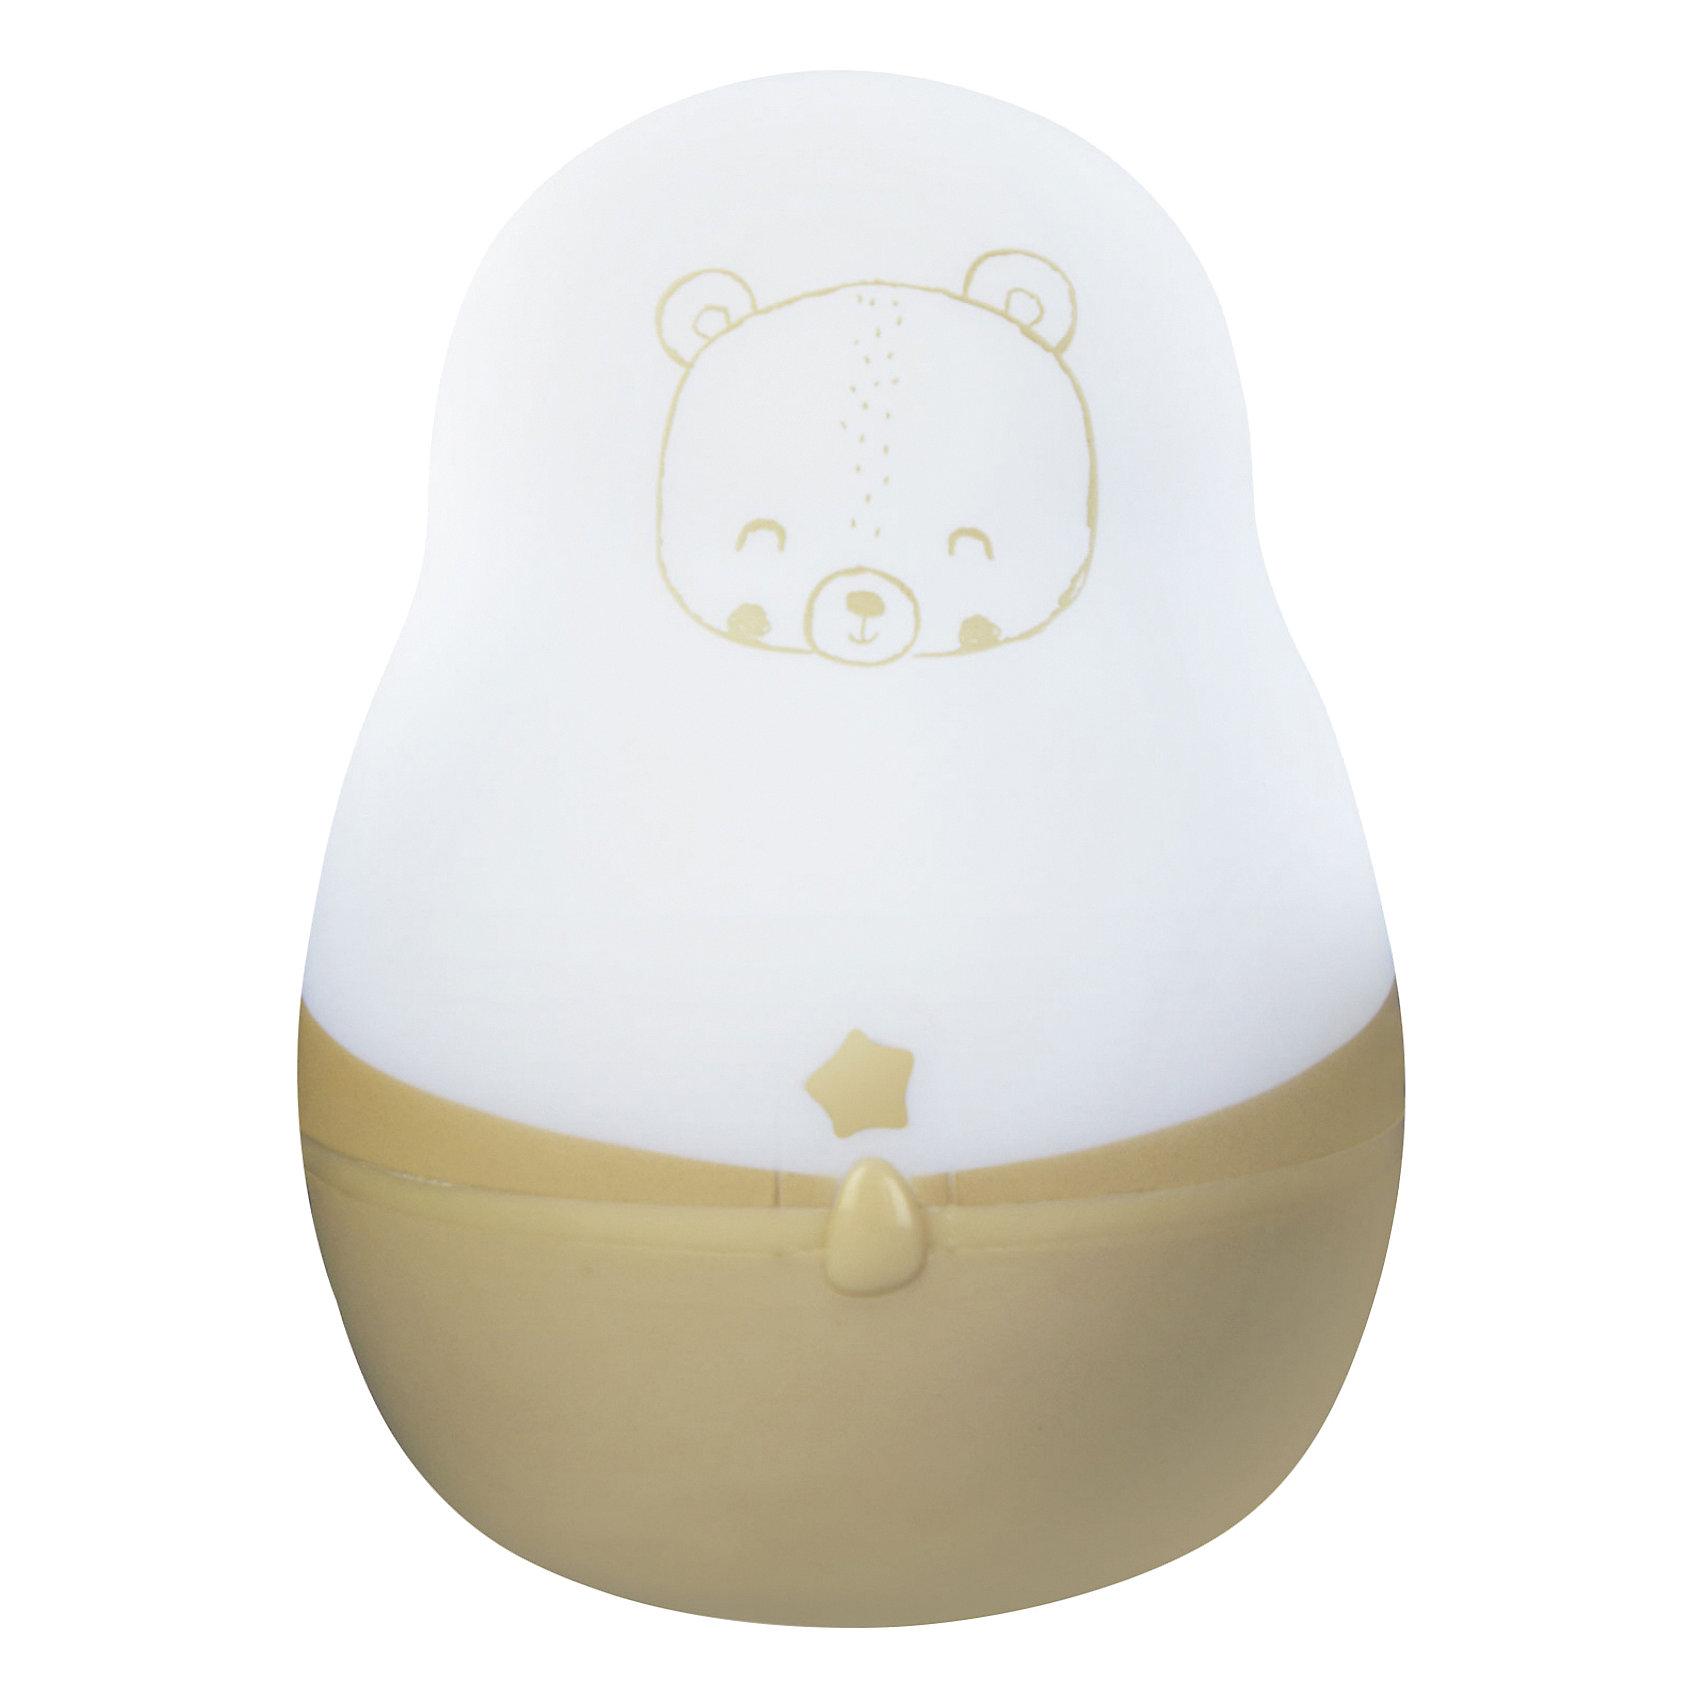 Ночник супер путешественник, Pabobo, ЛесНочники и проекторы<br>Характеристики:<br><br>• Пол: универсальный<br>• Тематика рисунка: медвежонок<br>• Цвет: белый, желтый<br>• Материал: пластик<br>• Мягкий рассеянный свет<br>• Во время работы не нагревается<br>• 200 часов непрерывной работы<br>• Функция адаптации к уровню естественного освещения<br>• Оснащен индикатором уровня заряда<br>• Автоматическое включение/выключение<br>• Способ зарядки: от USB<br>• Размеры: 4*4*8 см<br>• Вес: 80 г <br>• Особенности ухода: допускается сухая и влажная чистка<br><br>Ночник супер путешественник, Pabobo, Лес от французского торгового бренда, который занимается производством детских светильников и проекторов. При изготовлении используются качественные и безопасные материалы, которые характеризуются длительным сроком службы. Пластик, из которого изготовлен ночник, устойчив к повреждениям и появлению царапин, не имеет запаха. <br><br>Светильник оснащен светодиодными лампами, которые не нужно менять. Степень яркости автоматически регулируется в зависимости от естественного освещения. Выполнен в виде фонарика, который можно переносить. У него компактный размер, эргономичная форма и легкий вес, поэтому такой светильник удобно брать с собой в поездки и путешествия, тем более, что для его работы не нужен постоянный источник электричества. Корпус светильника оформлен изображением медвежонка, что делает его не только практичным предметом, но и яркой деталью интерьера детской комнаты.<br><br>Ночник супер путешественник, Pabobo, Лес можно купить в нашем интернет-магазине.<br><br>Ширина мм: 40<br>Глубина мм: 40<br>Высота мм: 80<br>Вес г: 70<br>Возраст от месяцев: 0<br>Возраст до месяцев: 372<br>Пол: Унисекс<br>Возраст: Детский<br>SKU: 5482466